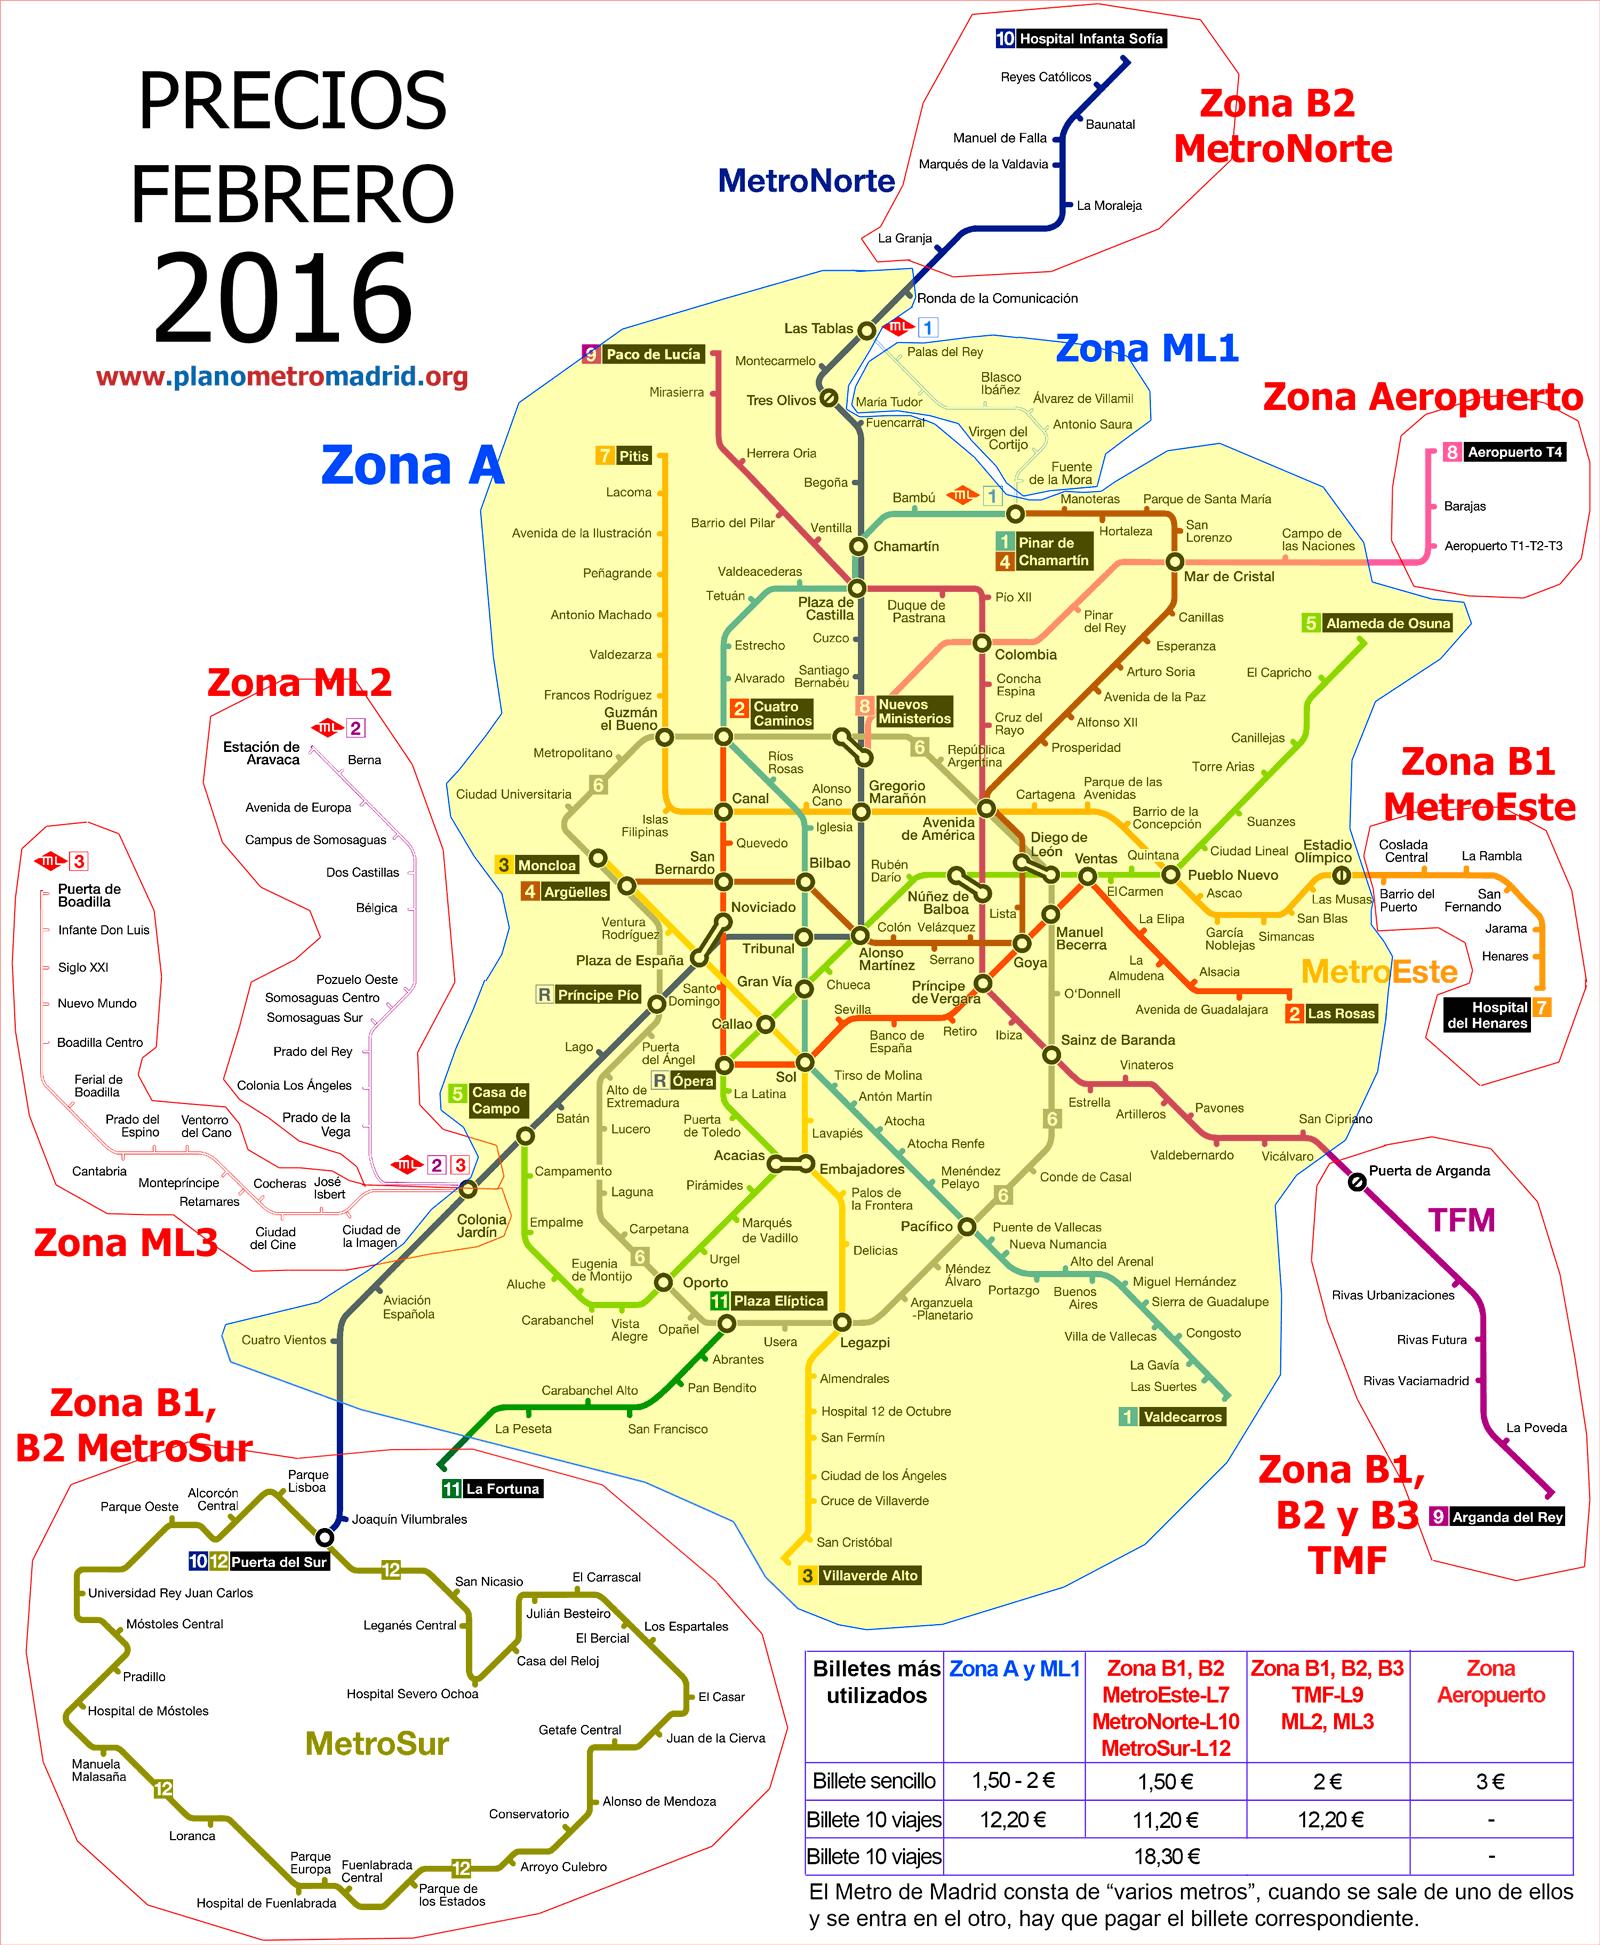 Mapa Del Metro Madrid.Precios Y Mapa Metro Madrid Travel Madrid Metro Madrid